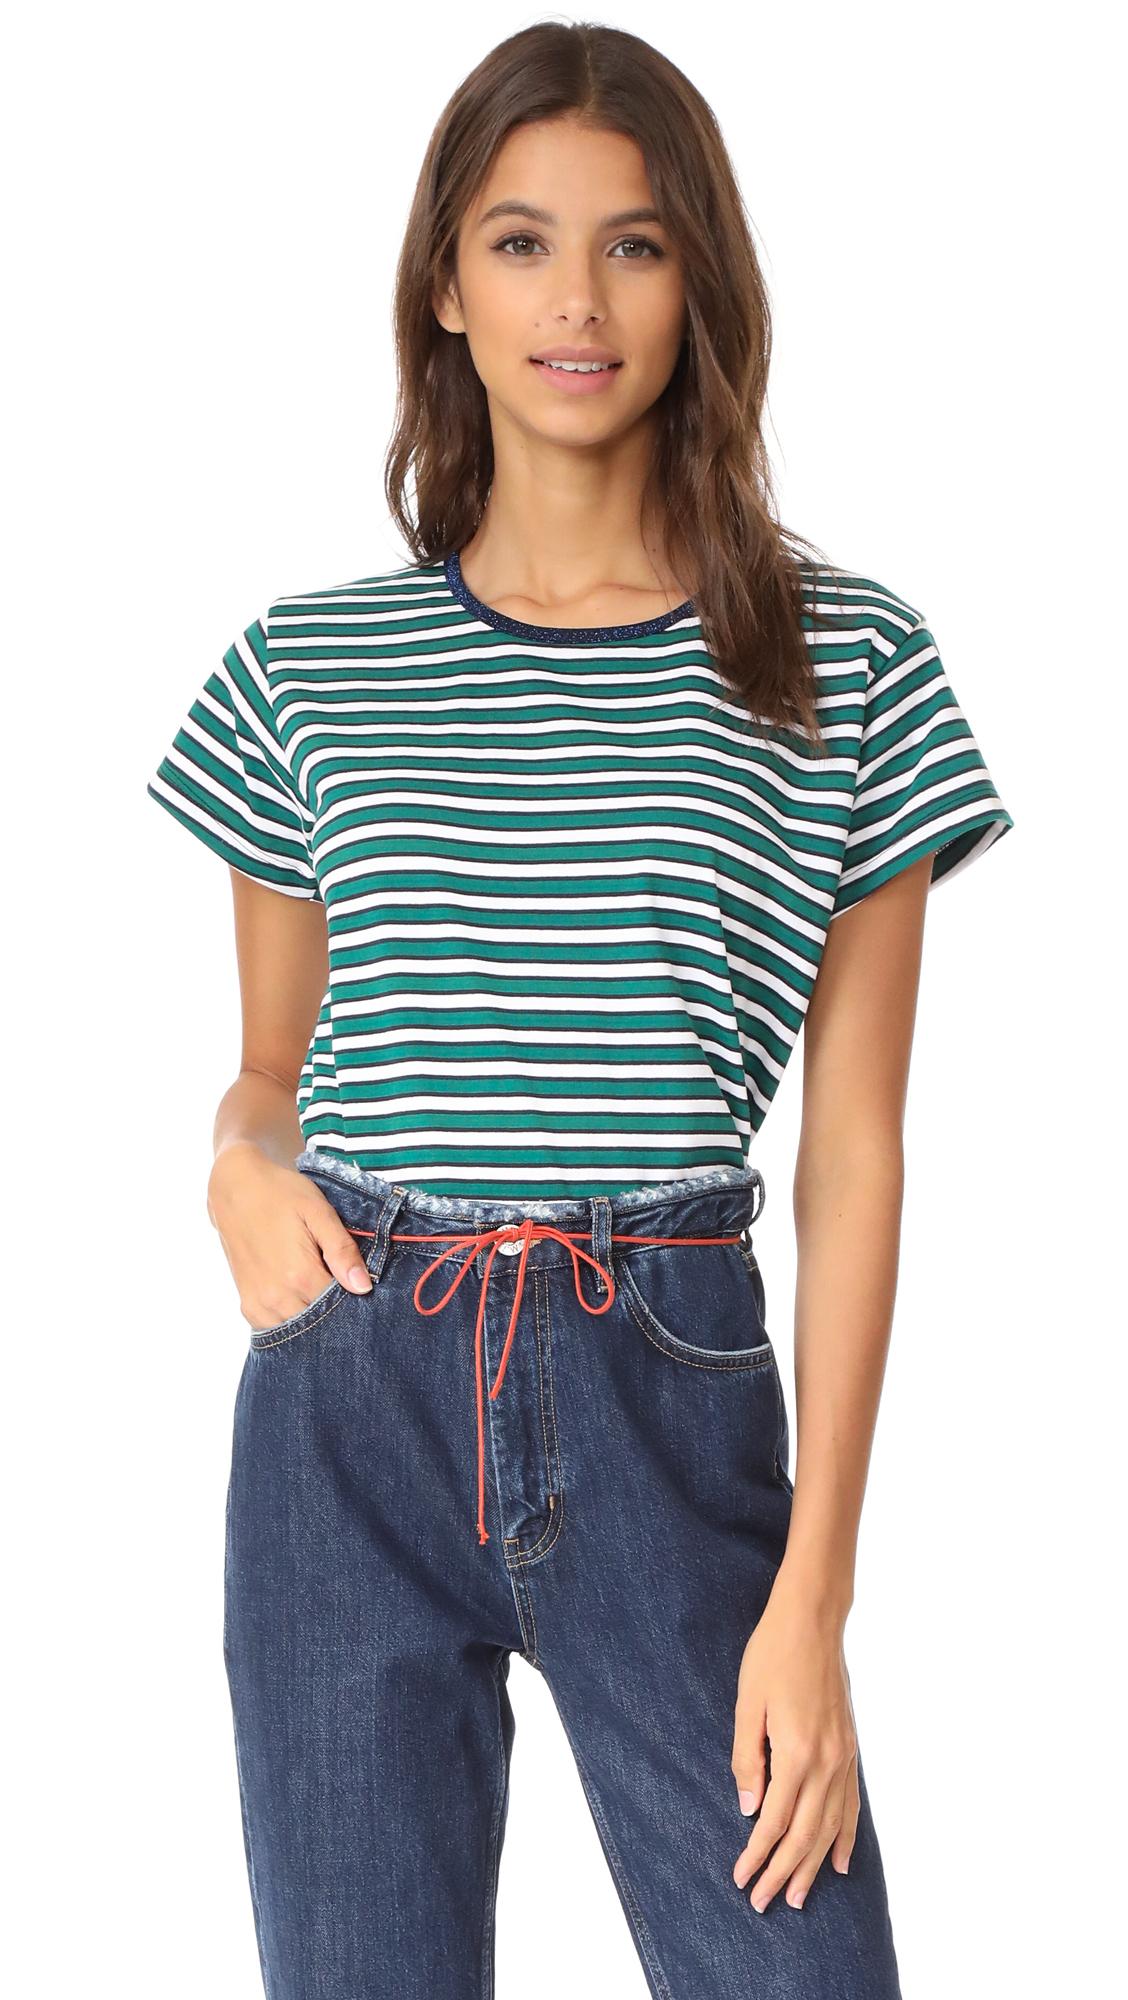 Liana Clothing Brother Stria Tee - Green, Black & White Stripes